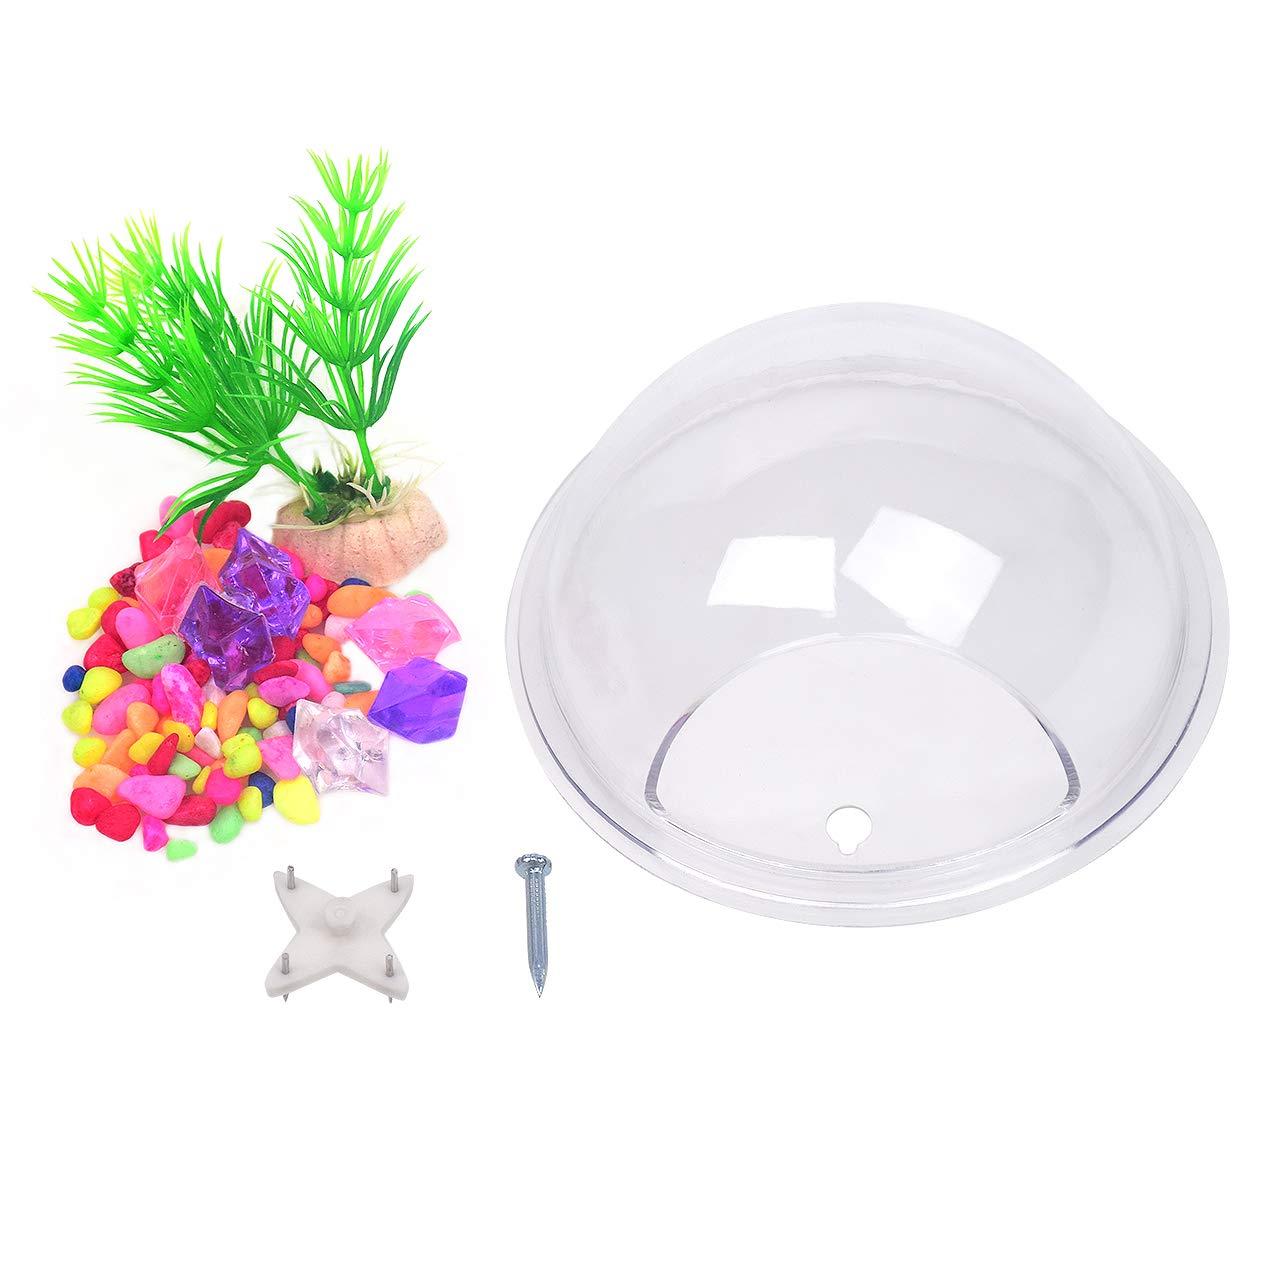 15 cm de diam/ètre TONGXU D/écoration Murale /à Suspendre en Verre /à Suspendre Mural Vase Pot de Fleurs Bubble Pot de Fleurs bac /à Fleurs